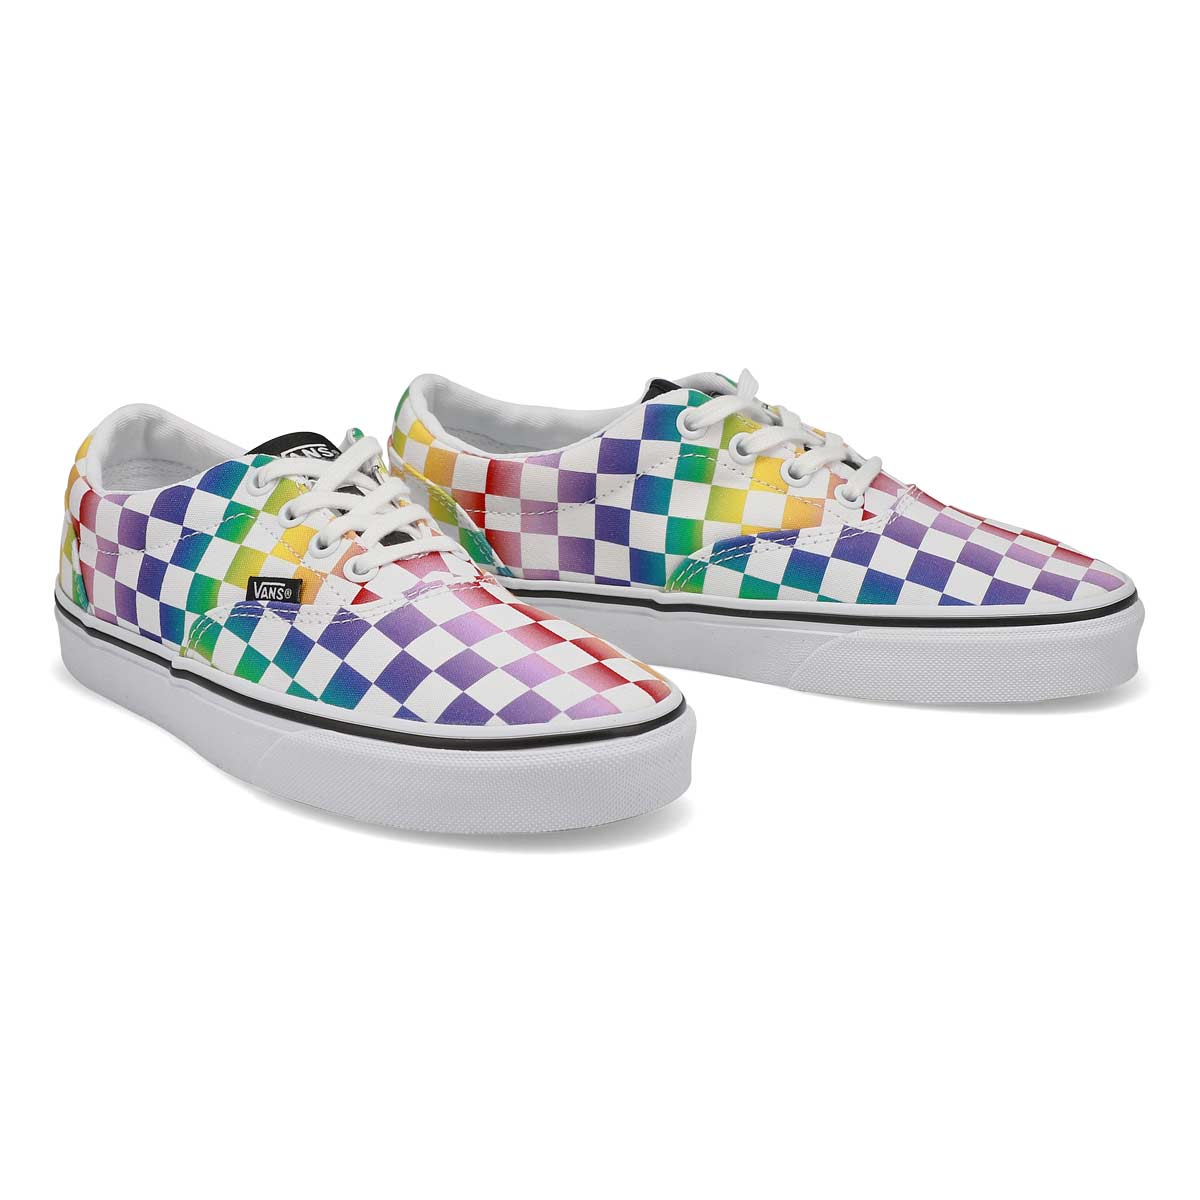 Women's Doheny Sneaker - Checkered Rainbow/Bk/Wh